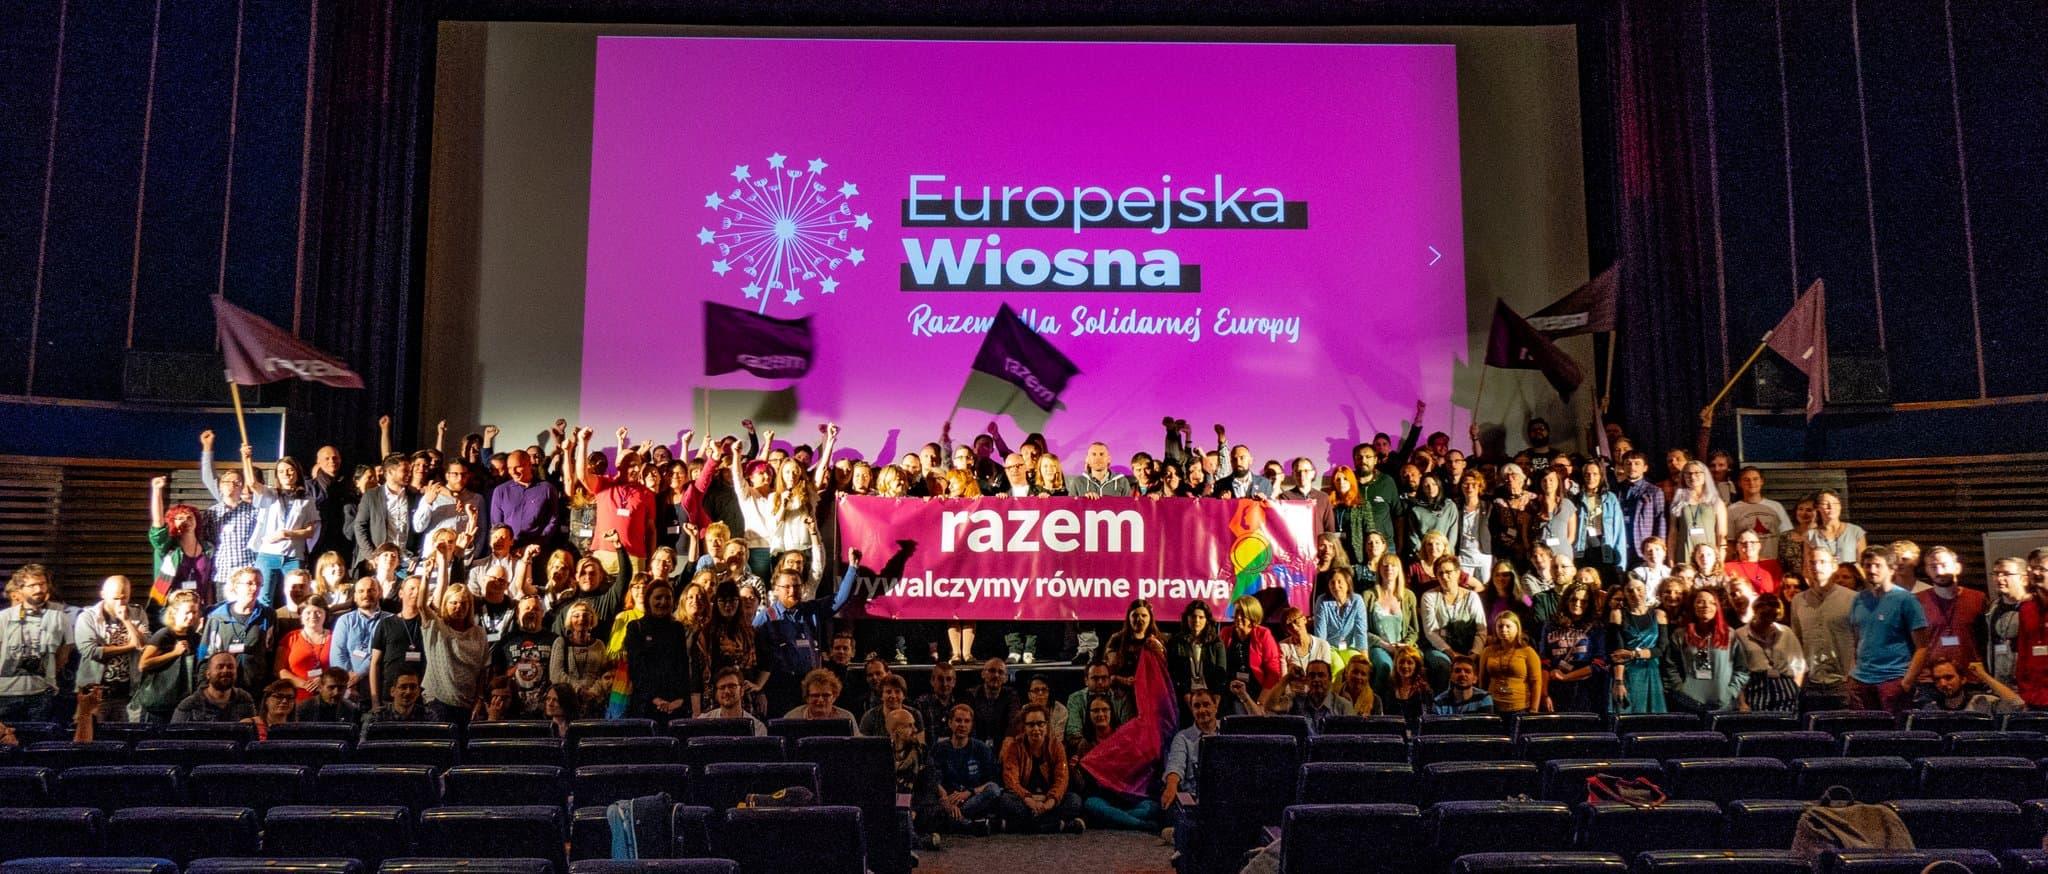 Primavera Europea aterriza en Varsovia